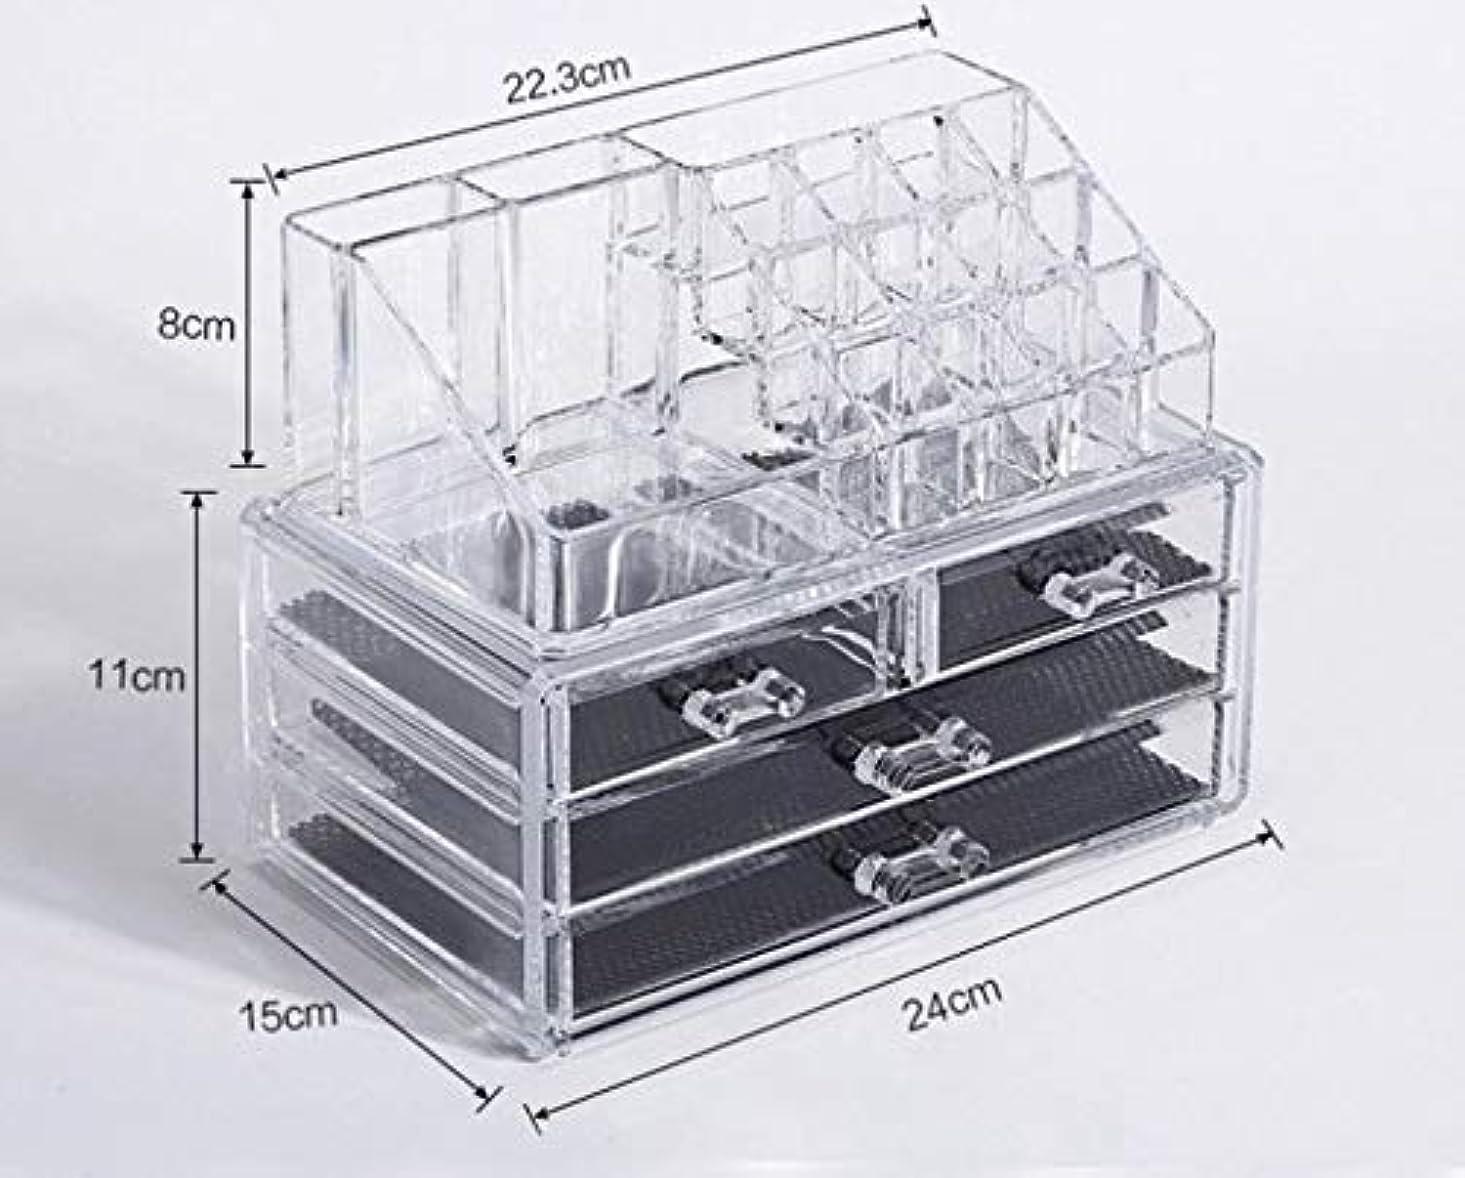 ケイ素オン請願者化粧品収納ボックス メイクボックス 化粧品 収納 ニオイなし 騒音なし 防塵 高透明度 強い耐久性